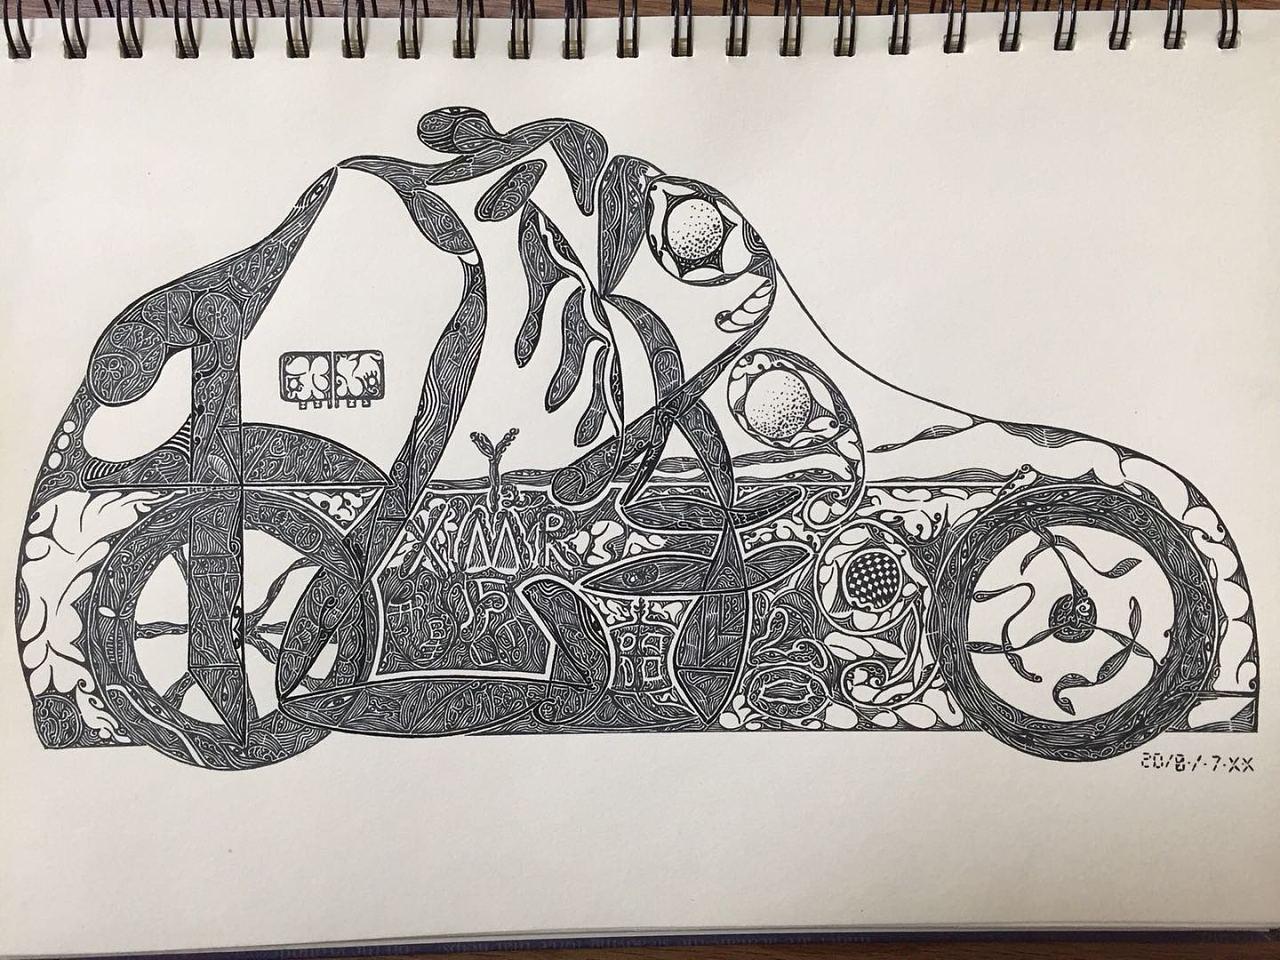 黑白手绘|插画|其他插画|原生美术 - 原创作品 - 站酷